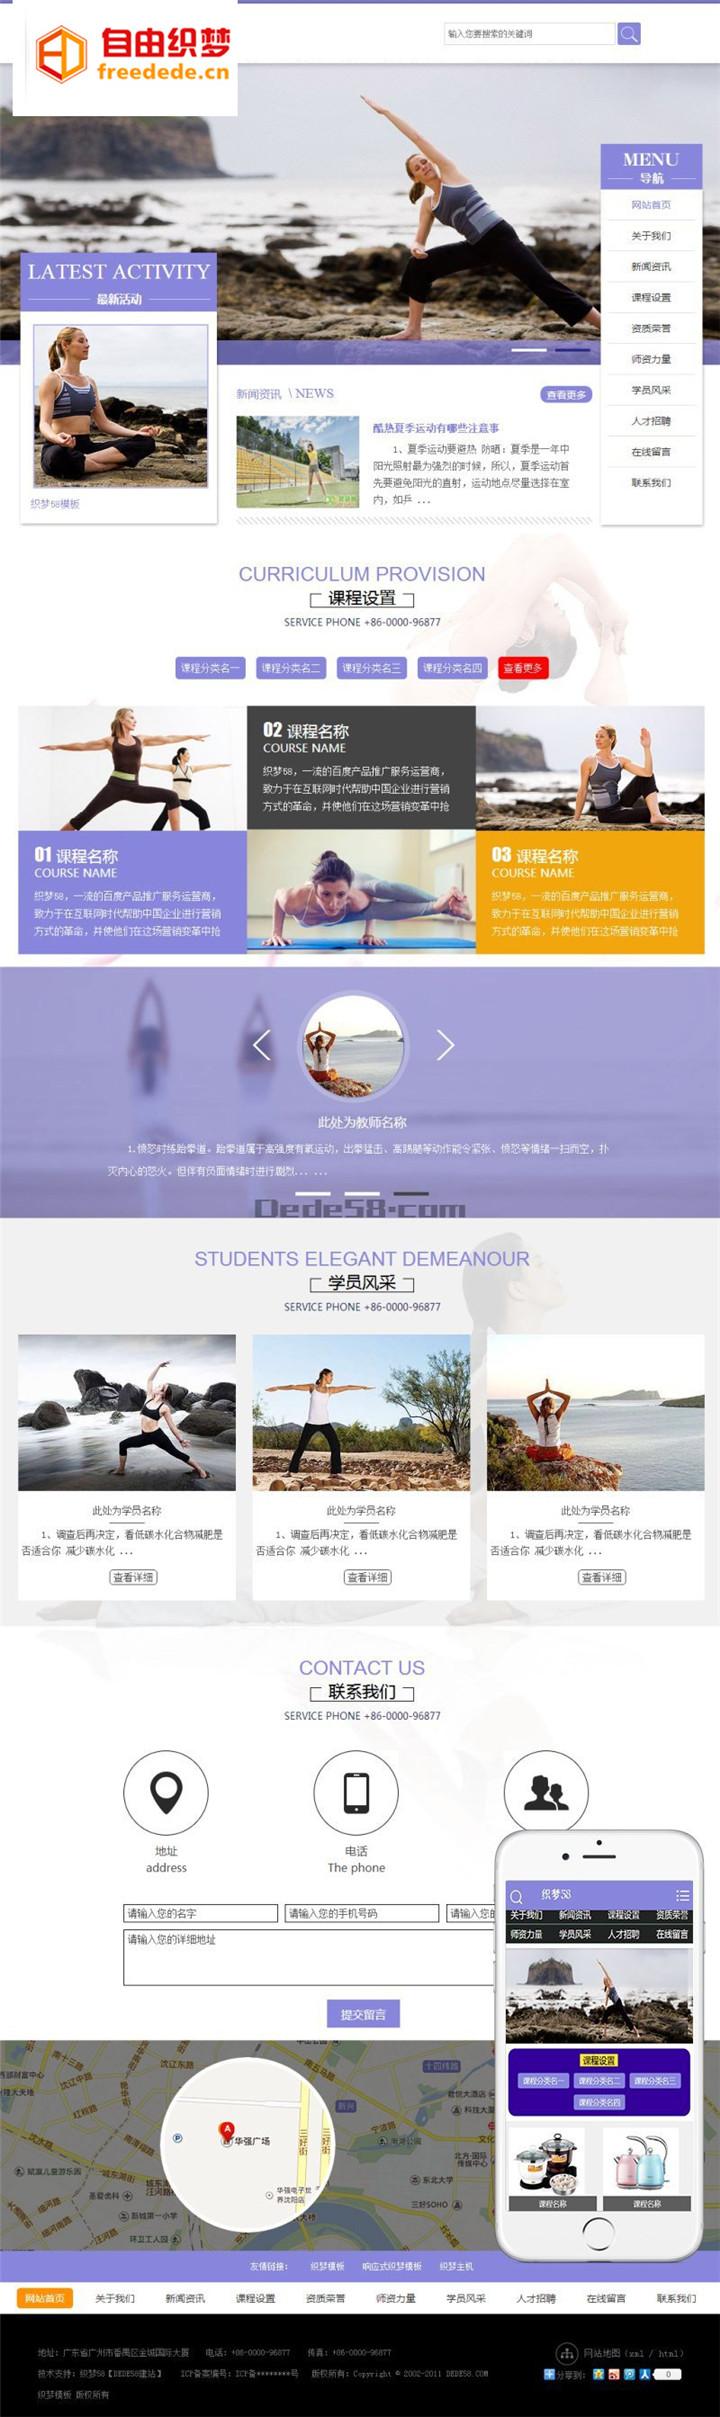 爱上源码网文章生活健身瑜伽类网站织梦模板(带手机版)营销型整站源码下载的内容插图